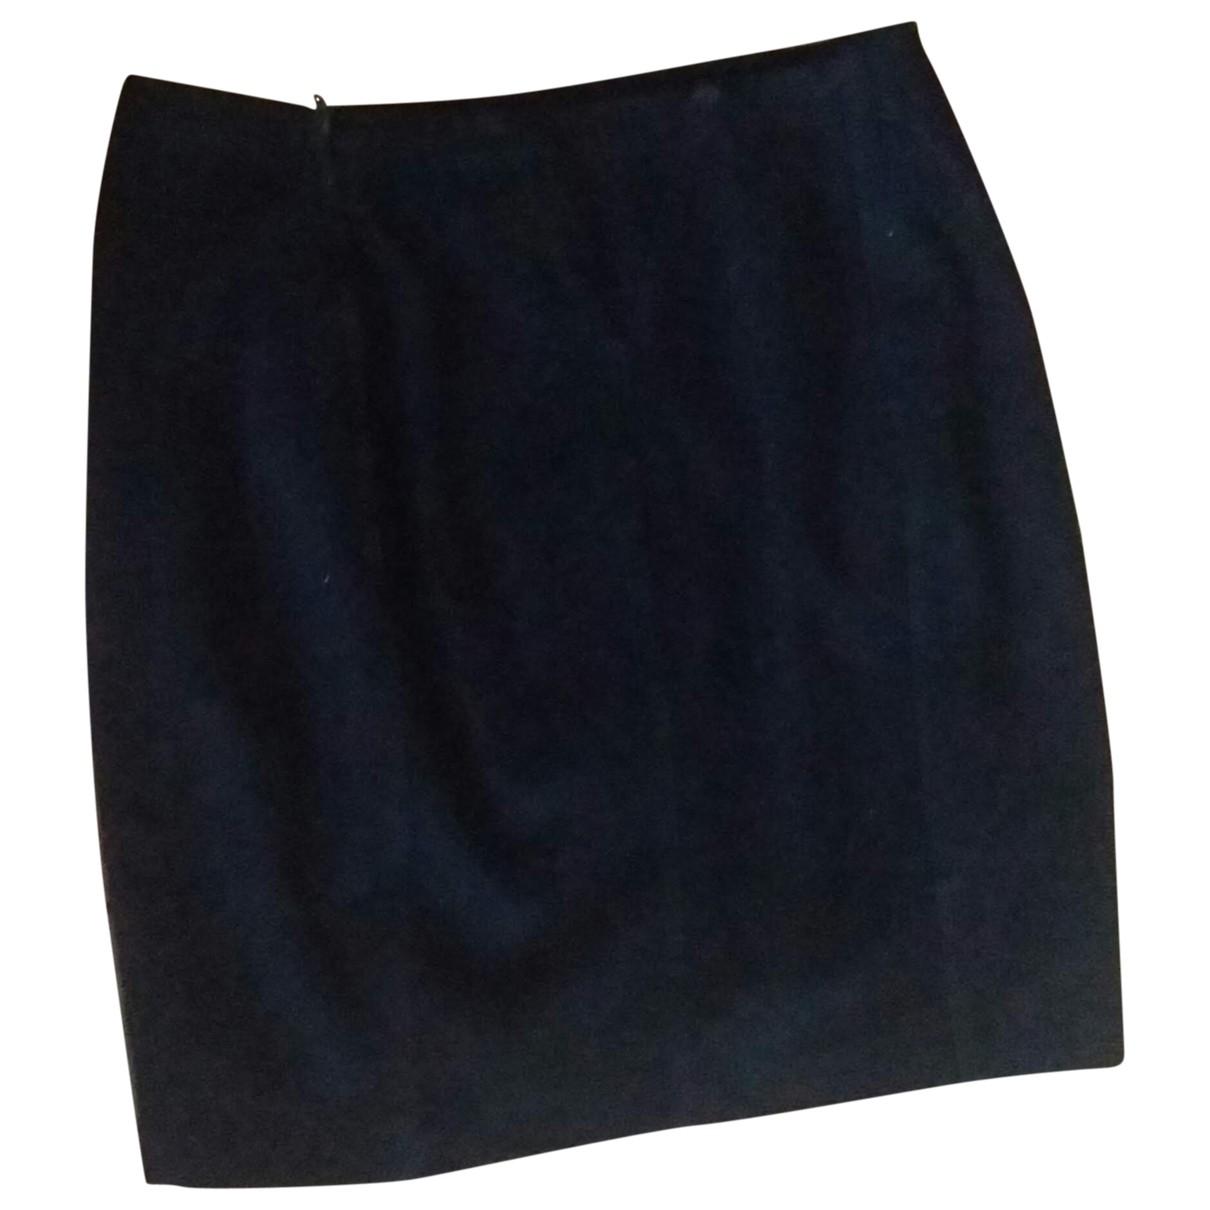 Alaïa \N Black Leather skirt for Women 38 FR